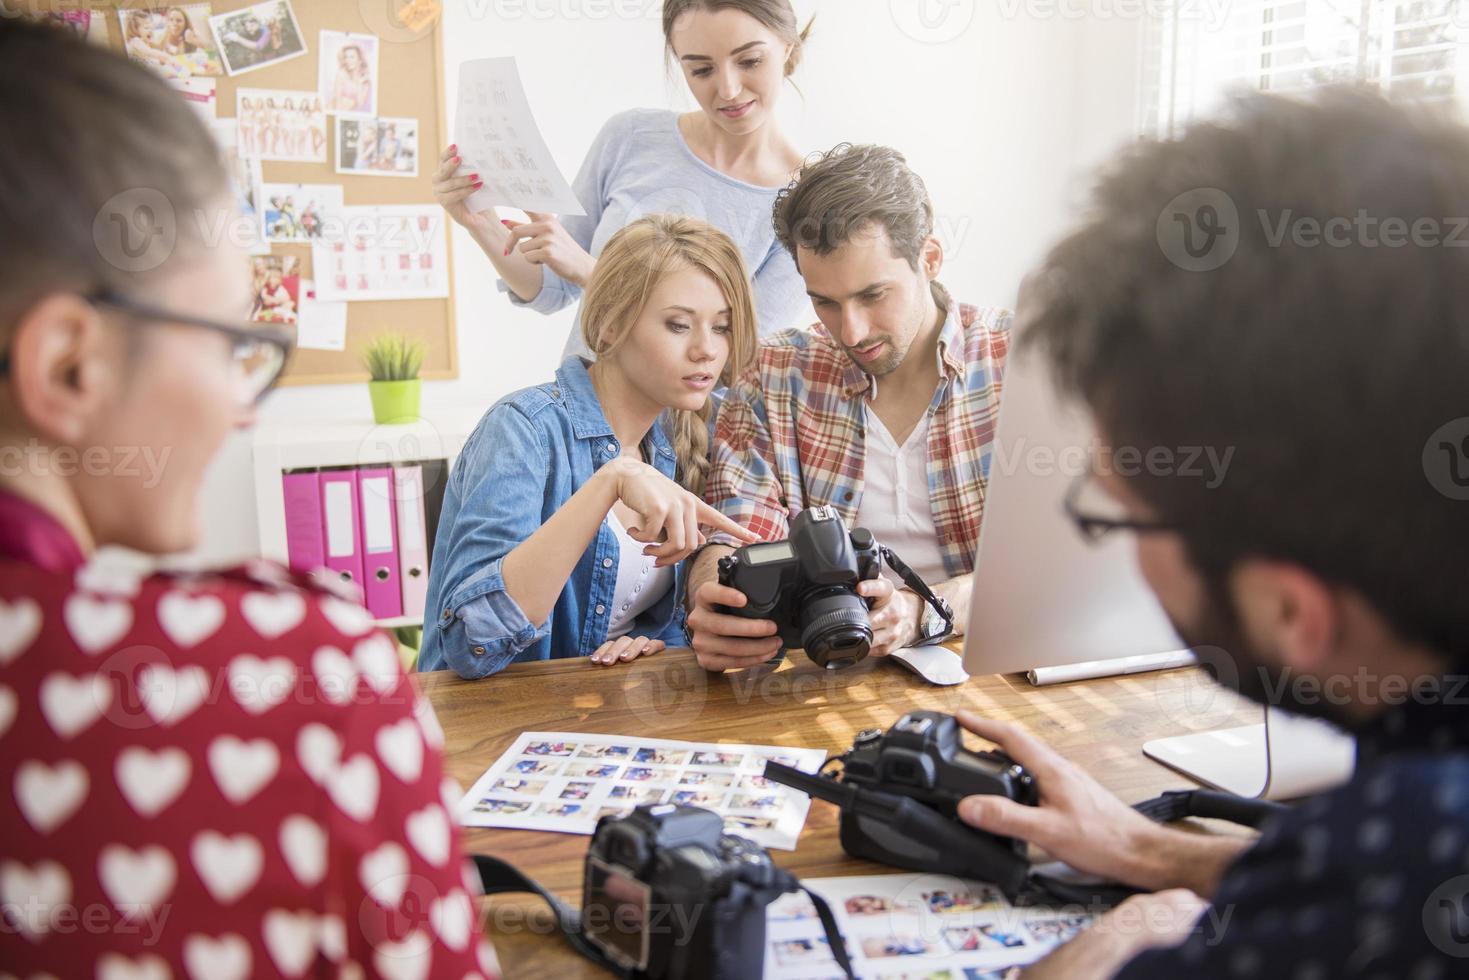 professionella fotografer måste ha bra utrustning foto